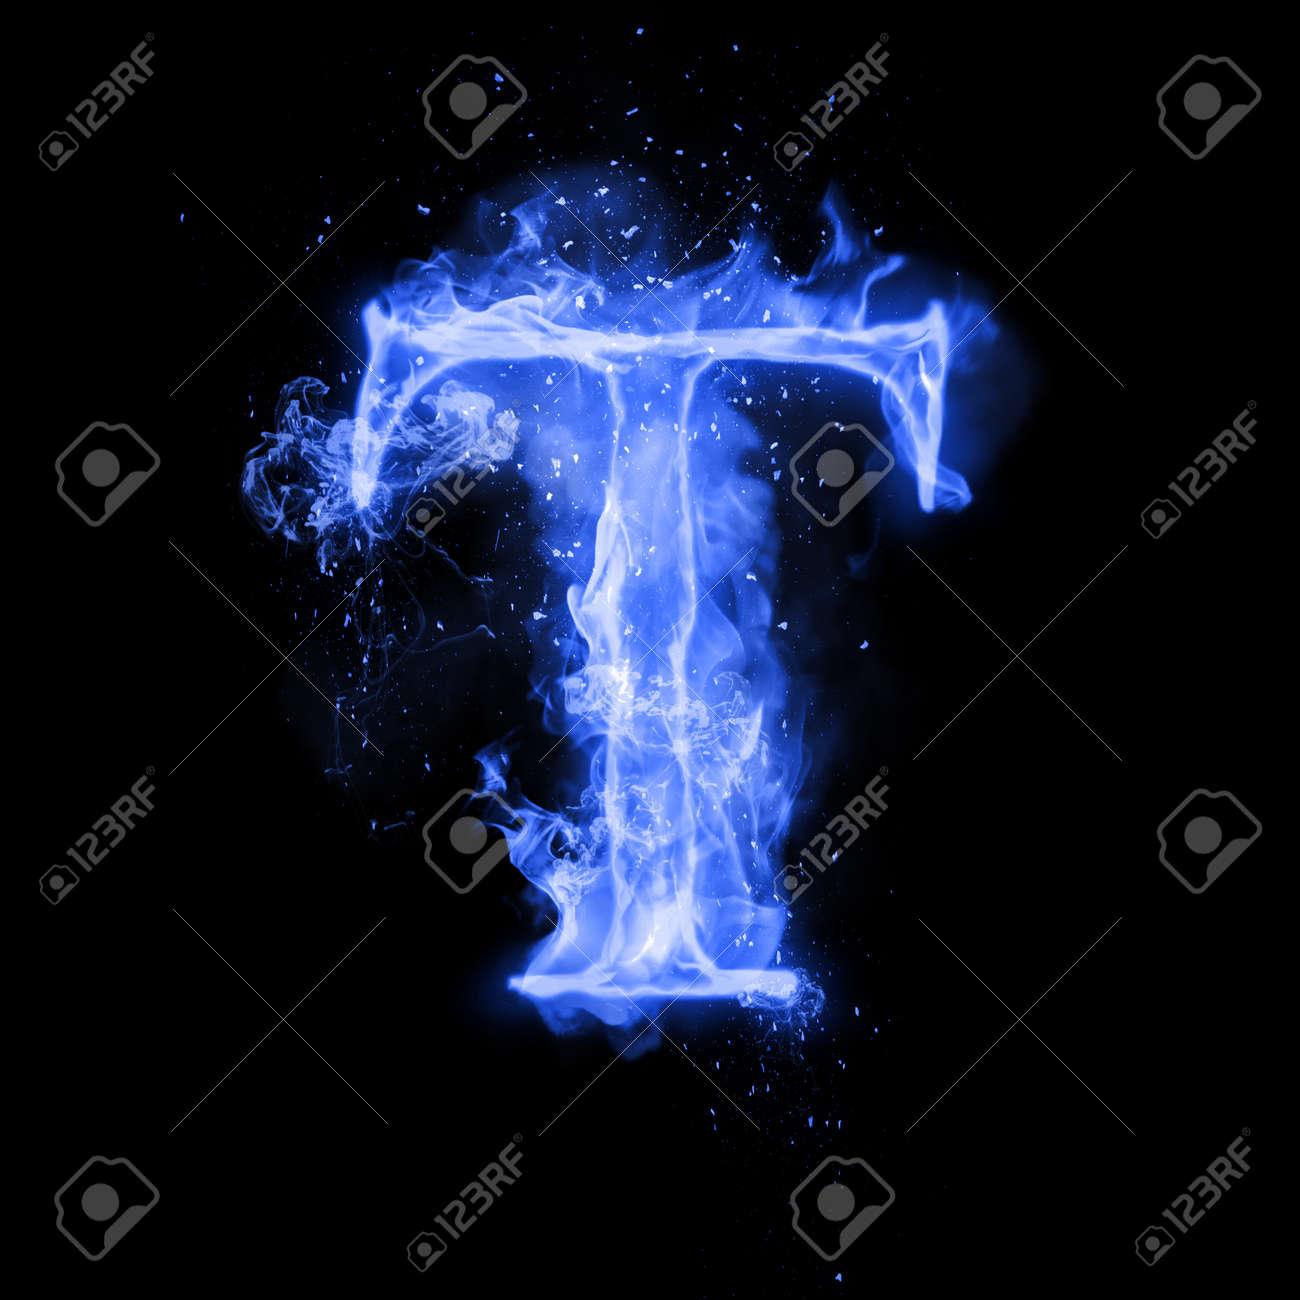 Fire Letter T Of Burning Blue Flame Flaming Burn Font Or Bonfire